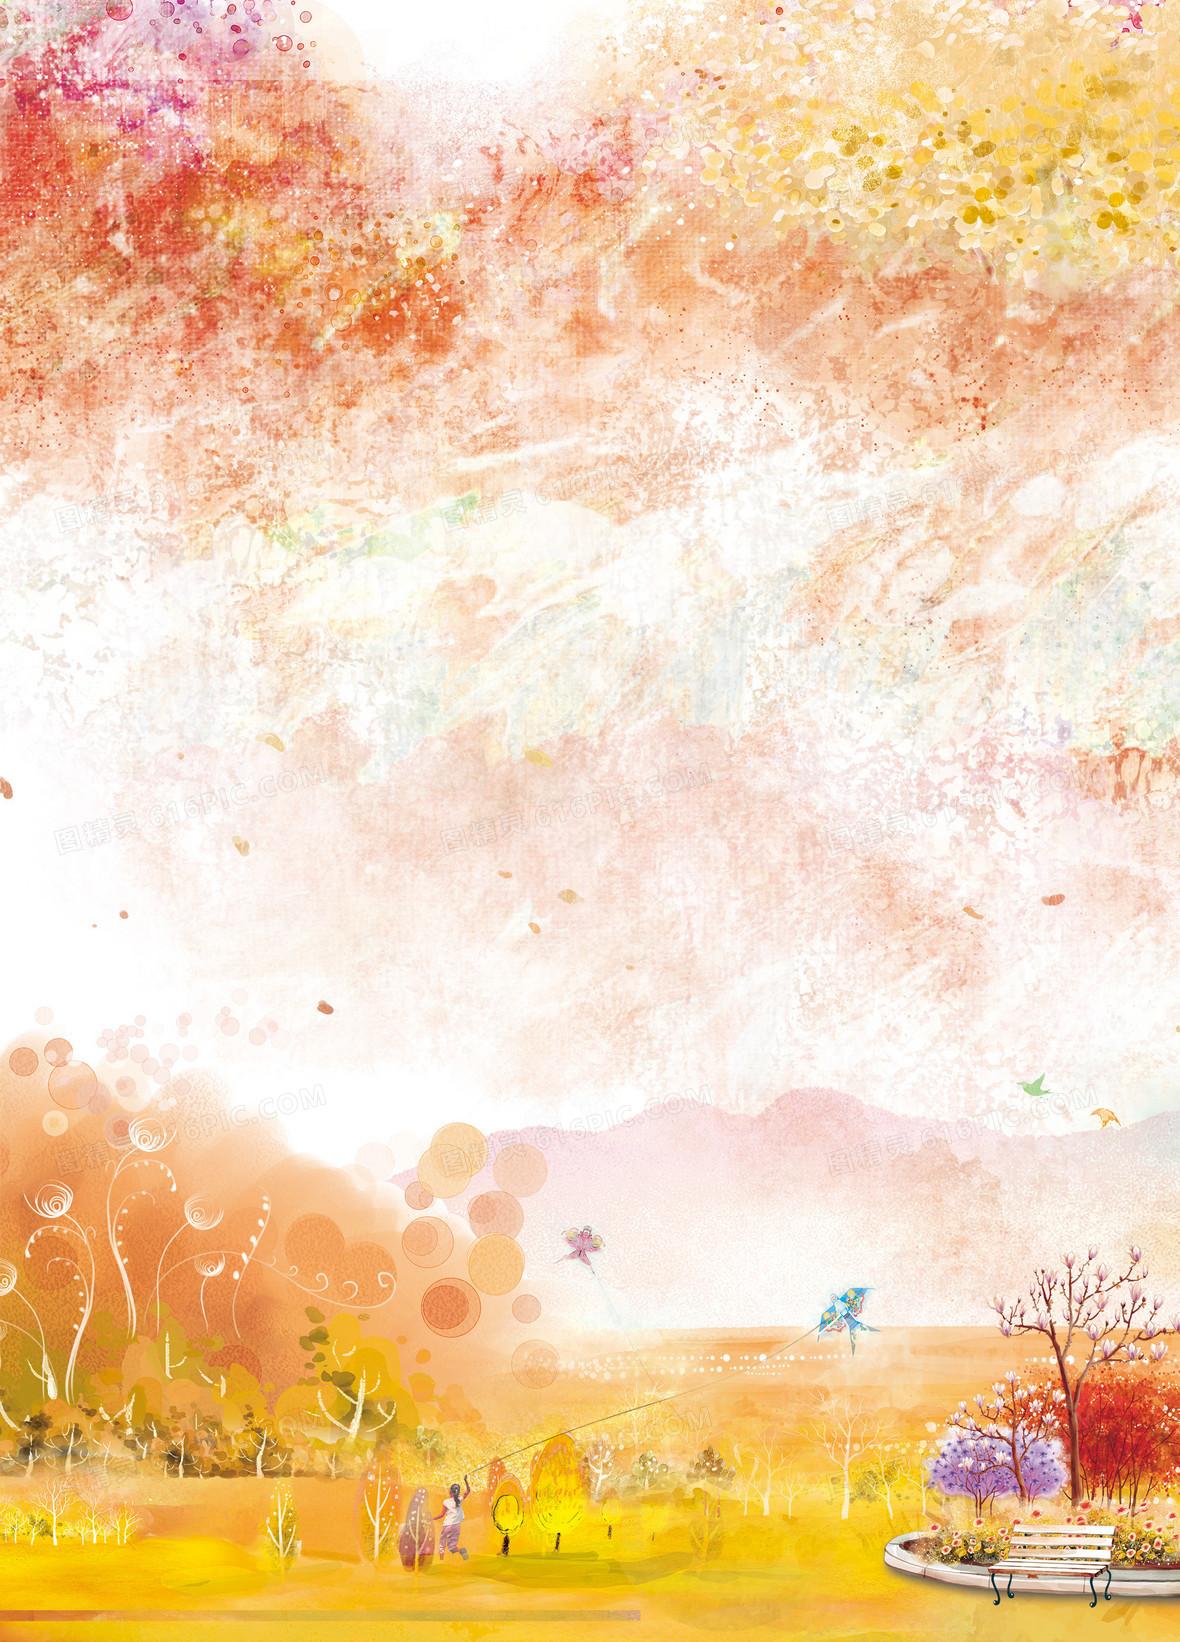 彩色水墨油画风景背景素材